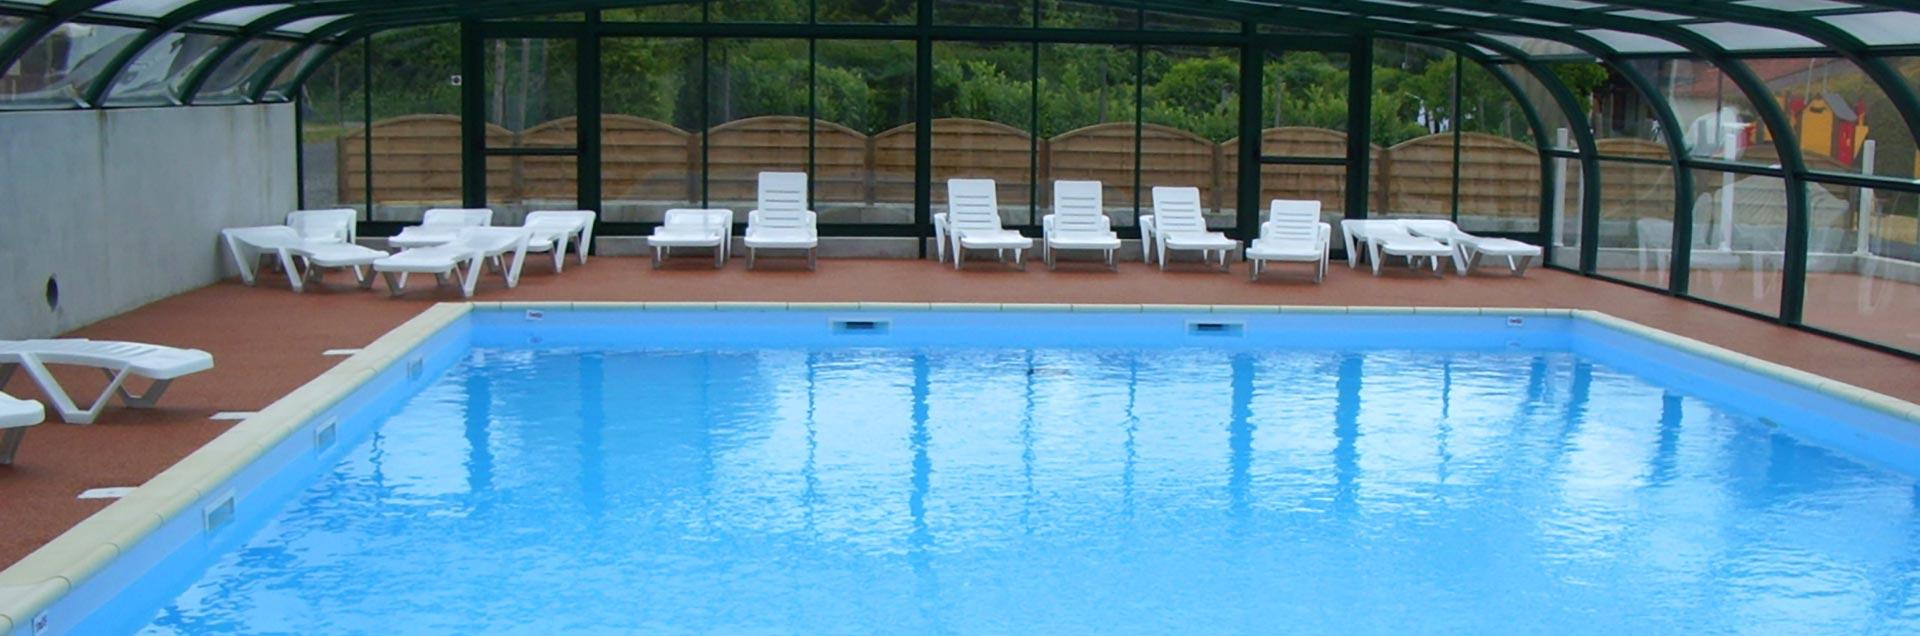 Photos camping peche ouvert toute l ann e vend e Camping ouvert toute l annee avec piscine couverte